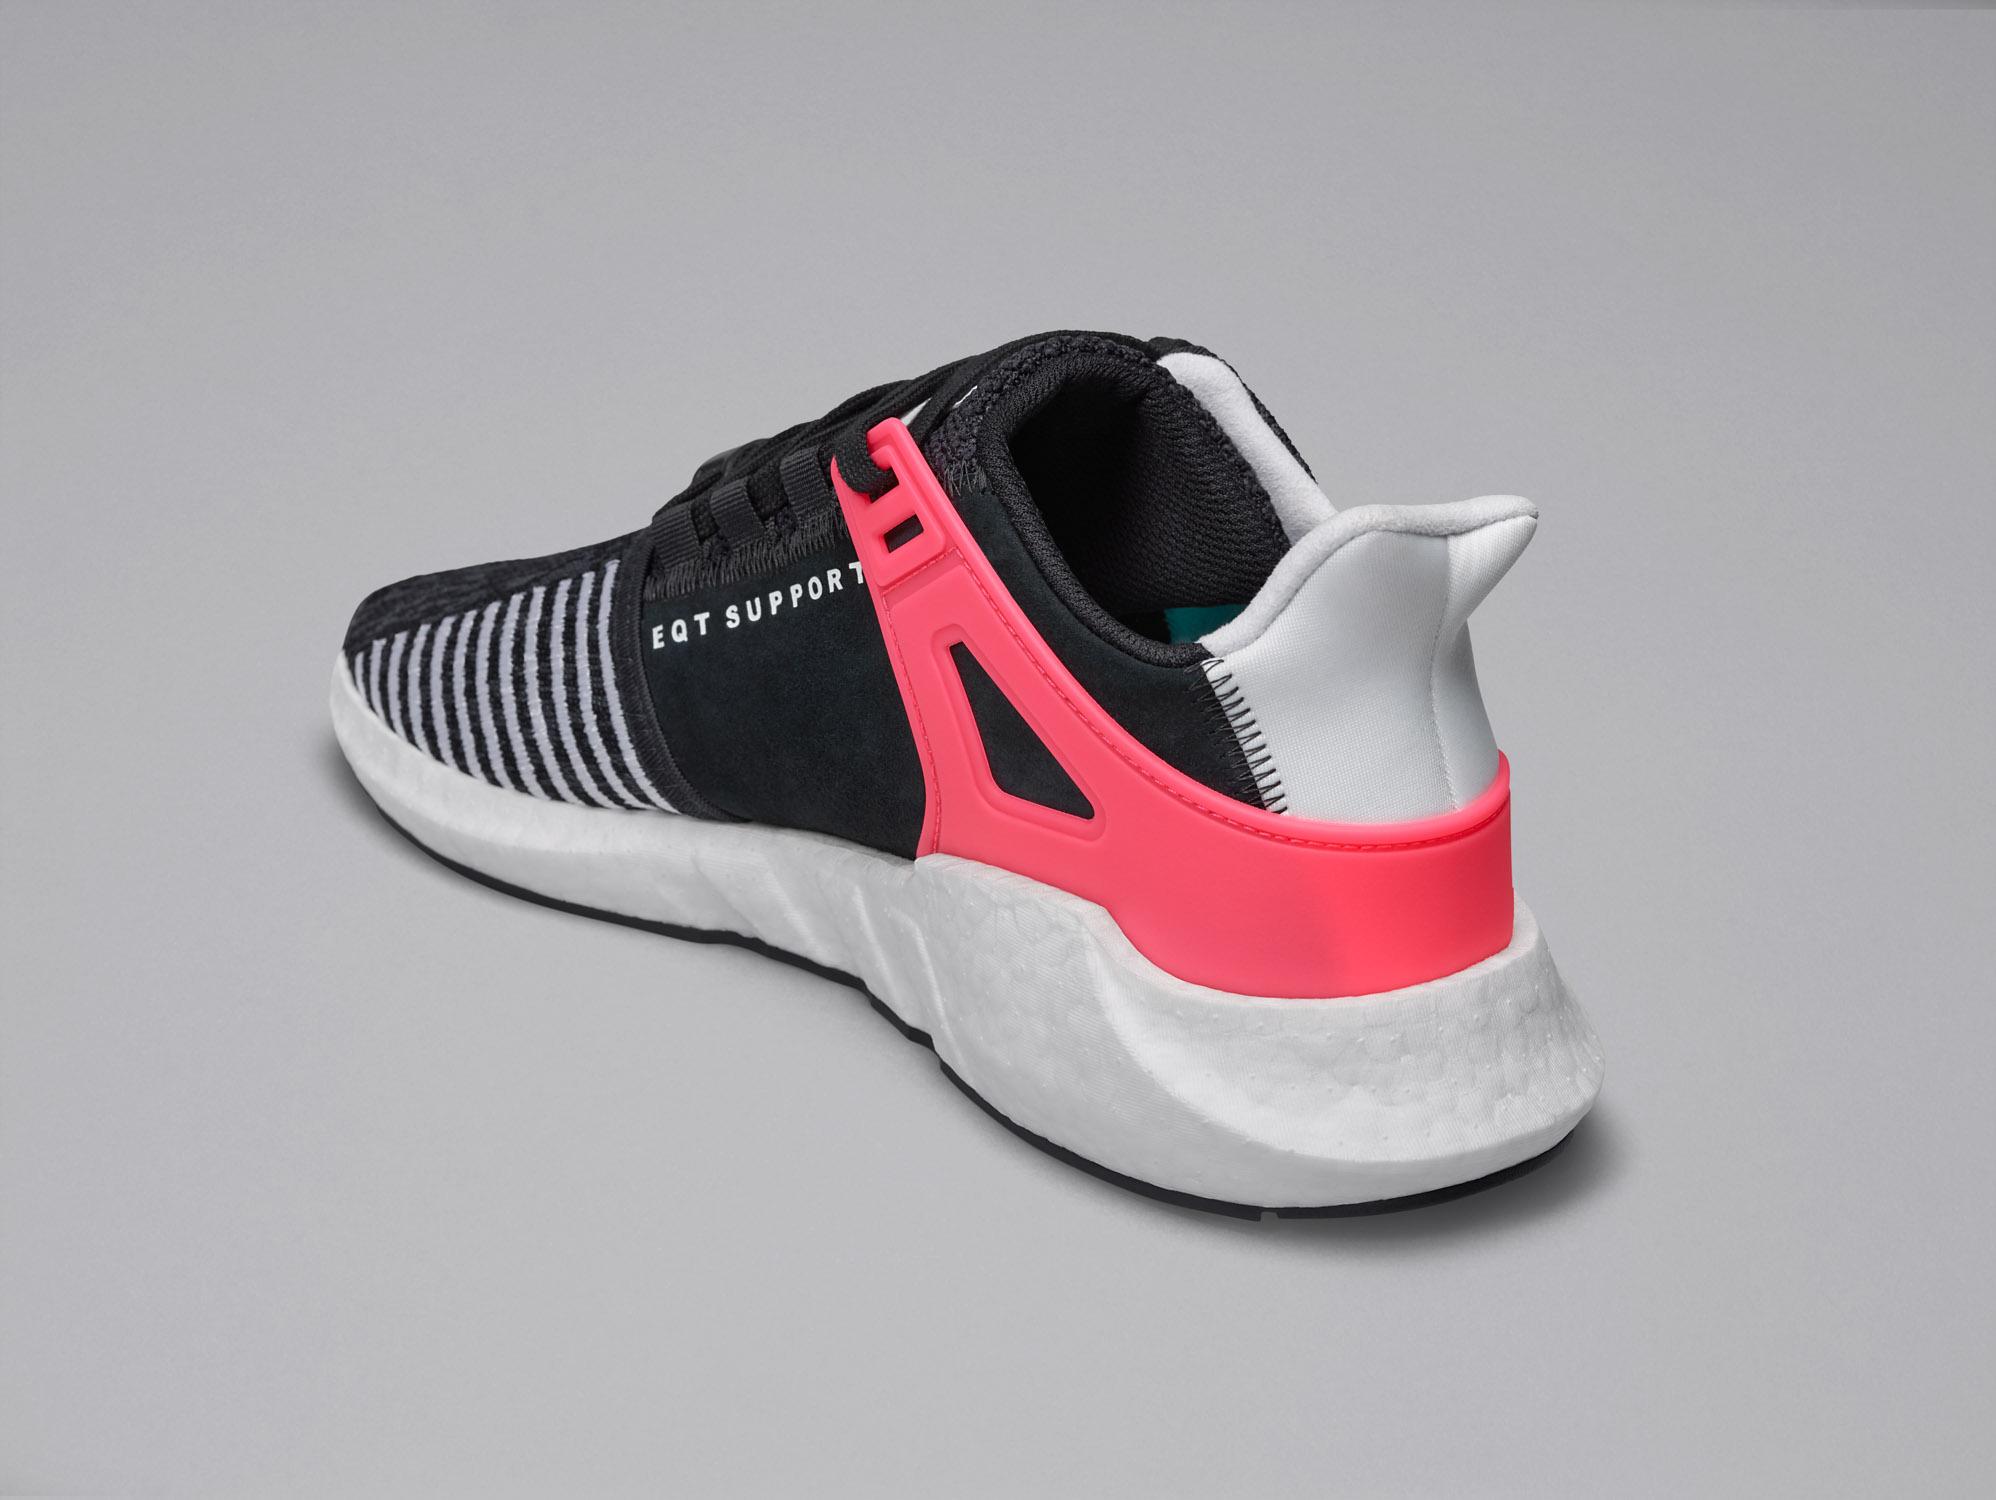 adidas EQT Support 93 17 4